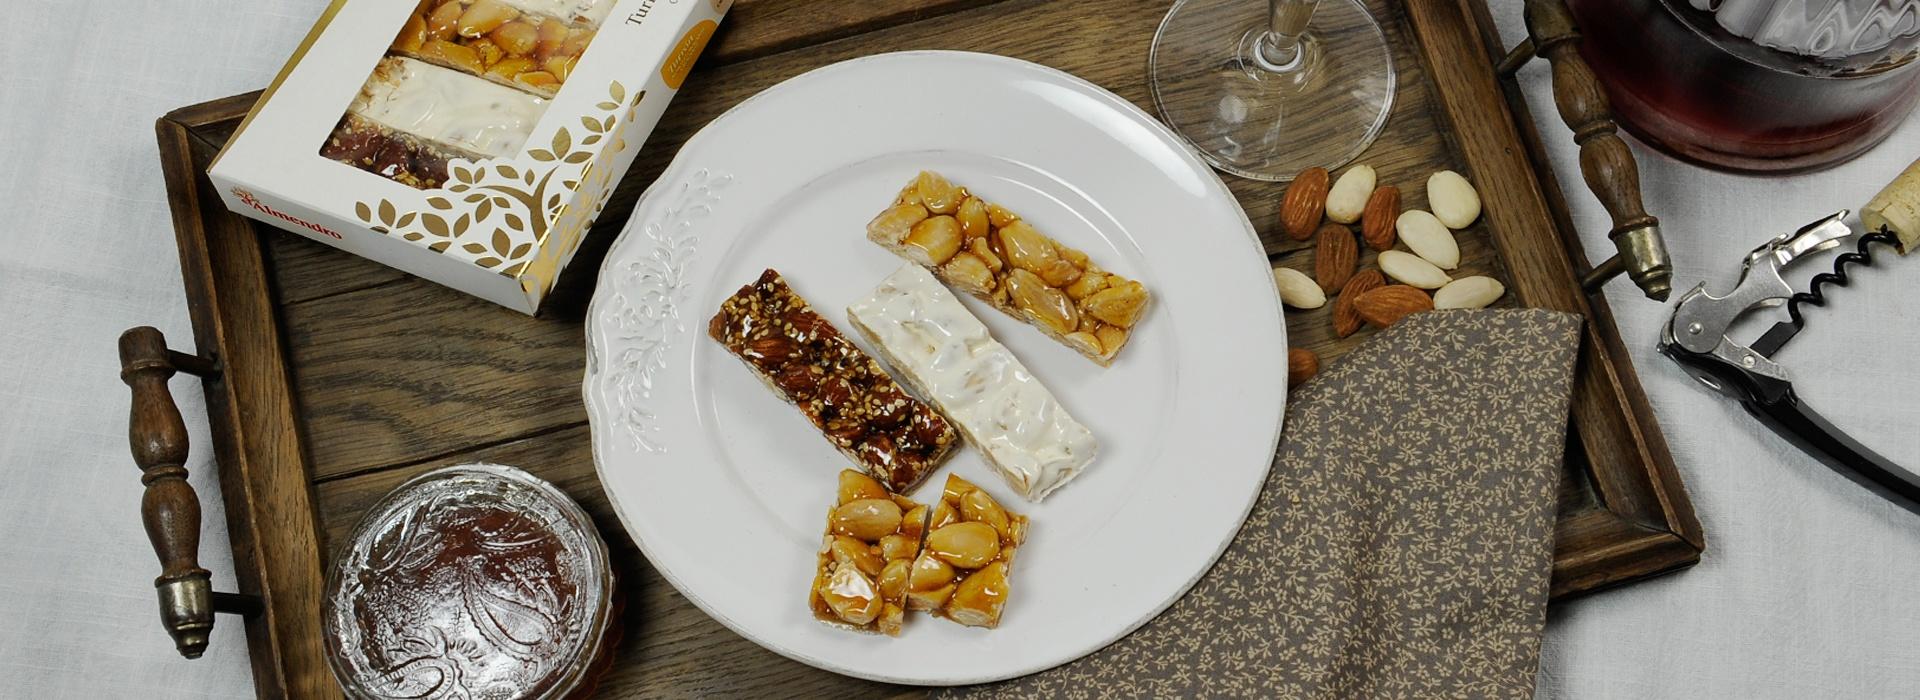 Top Food Feinkost - El Almendro - Turrón